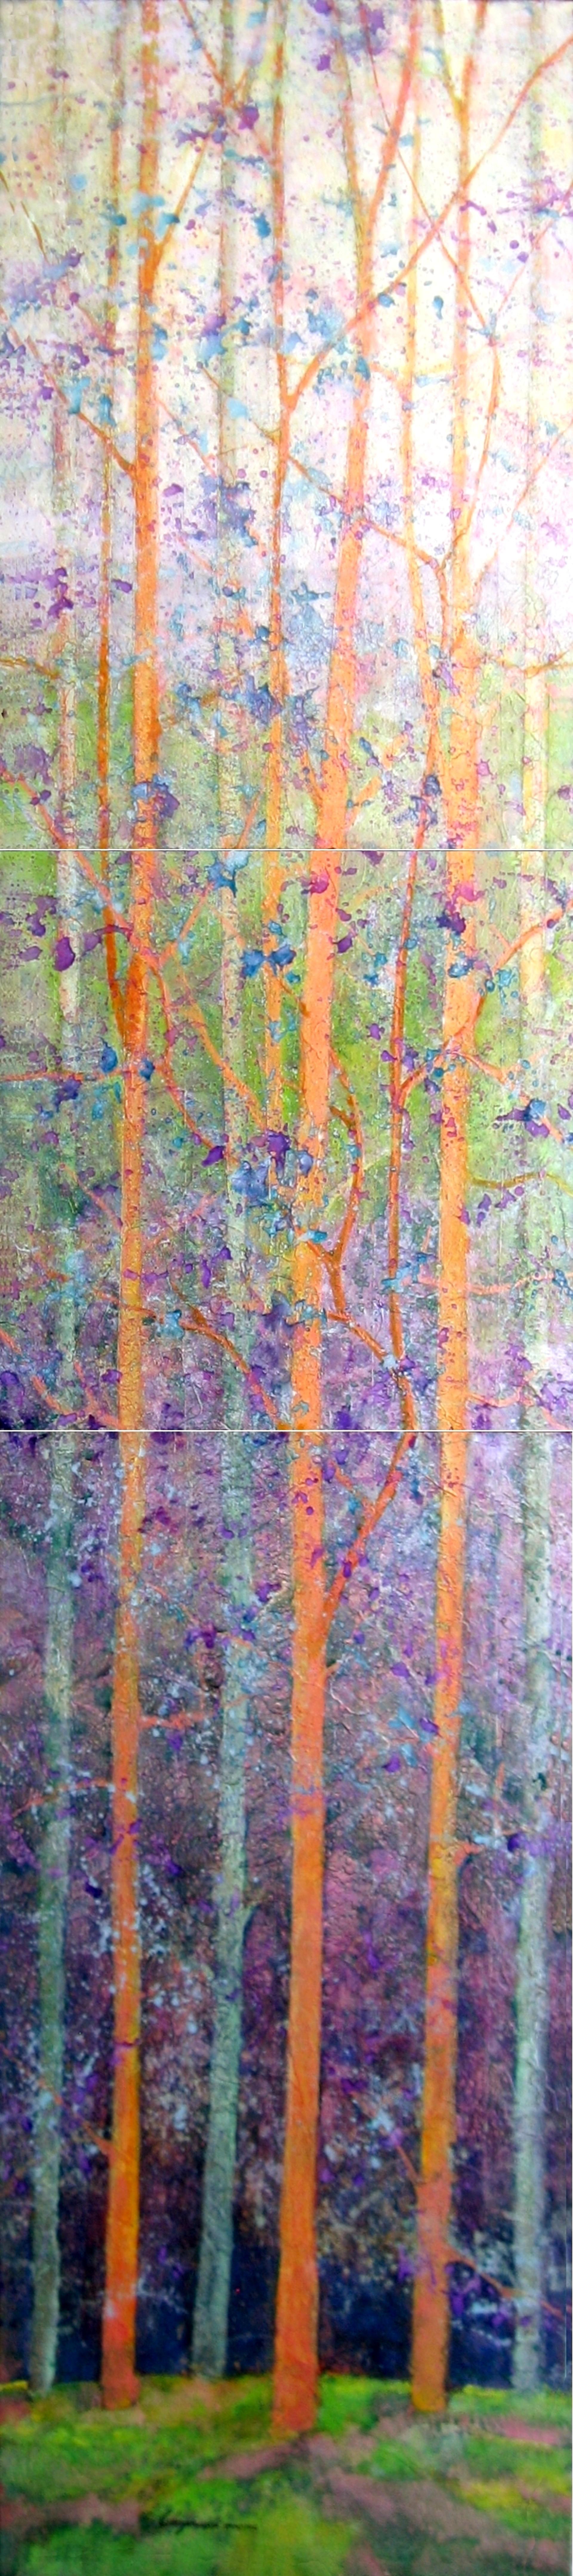 Spring Show (triptych) by Bob Chrzanowski